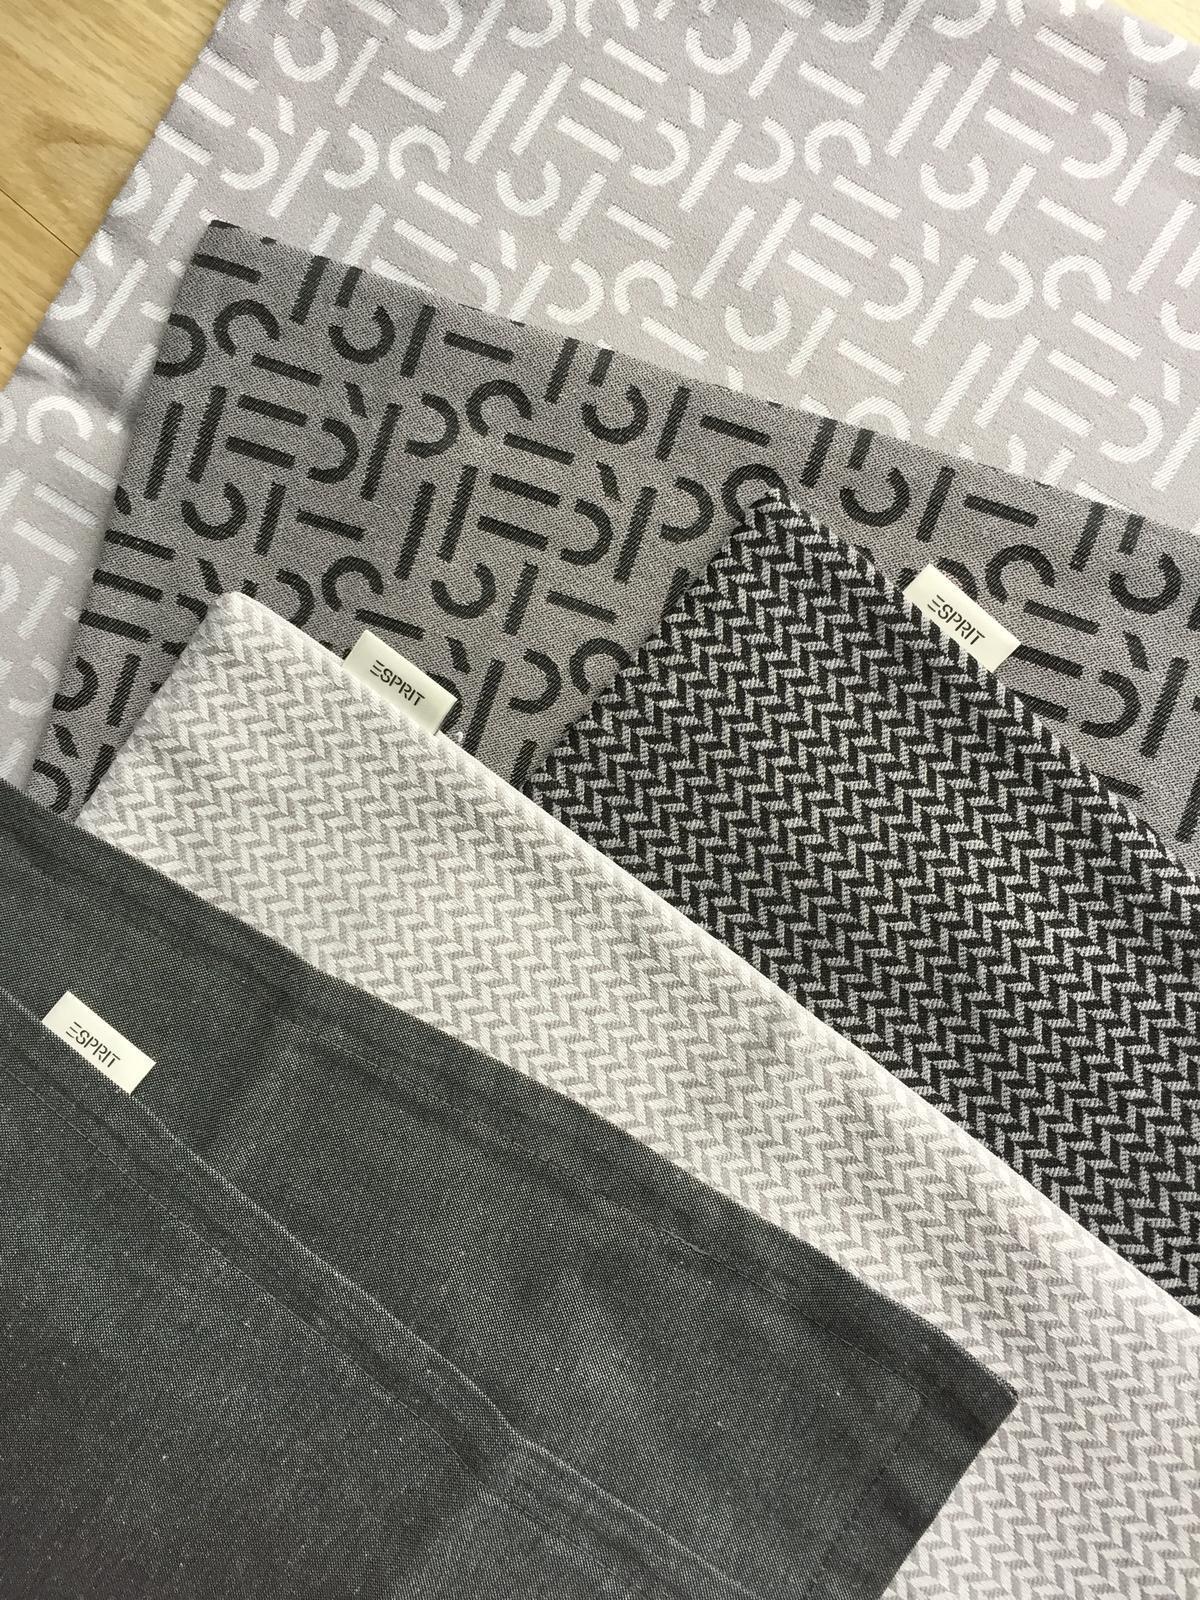 dekorace - Povlaky na polštářky značky Esprit :-) v bazárku